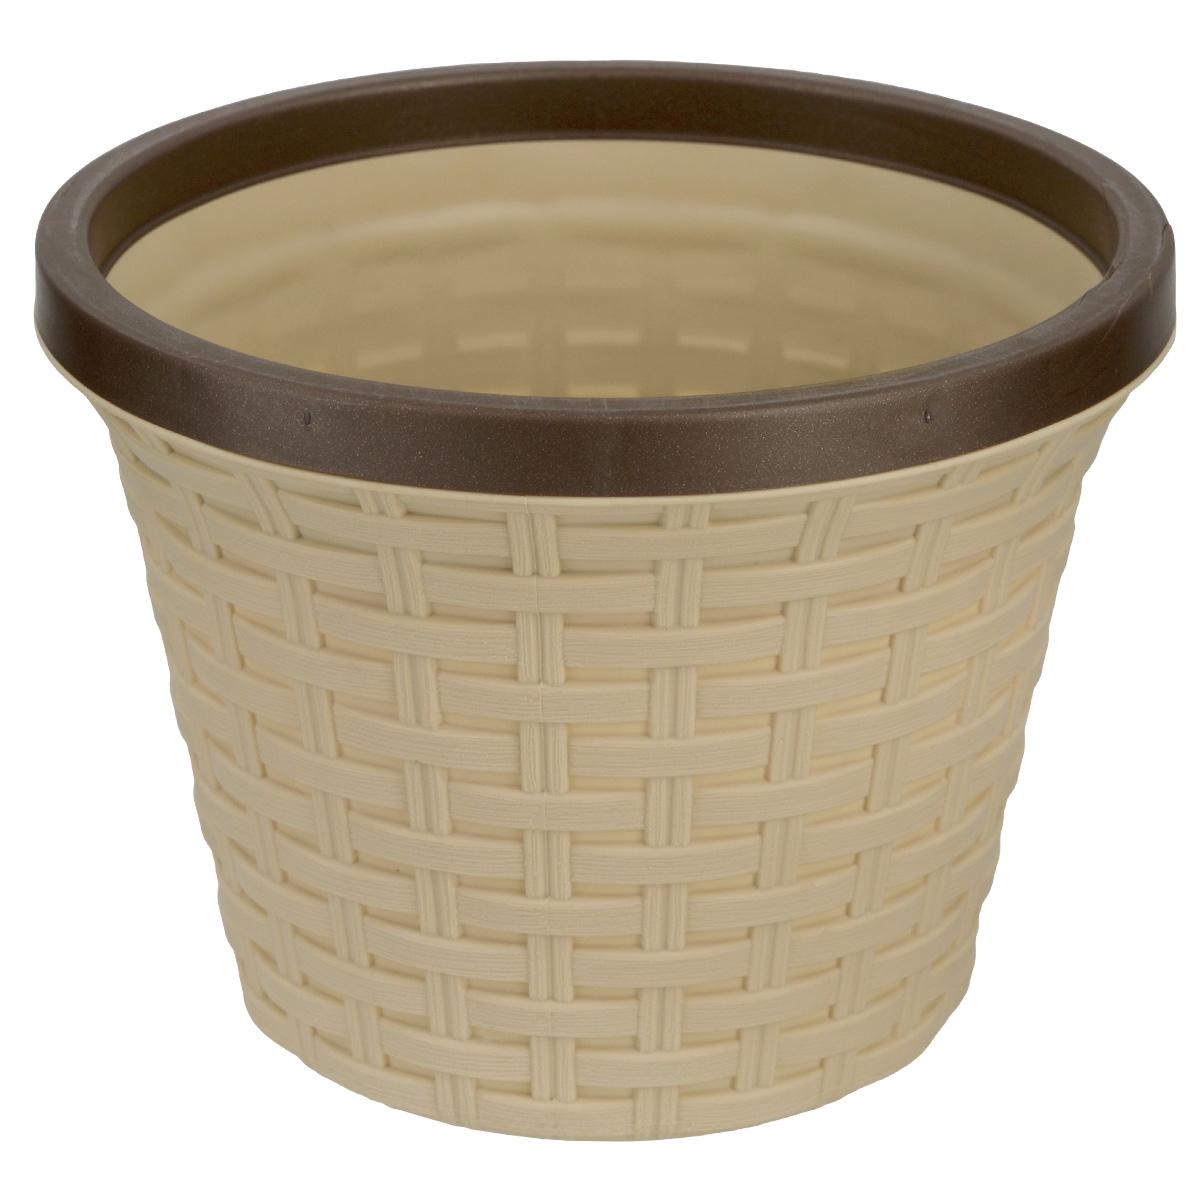 Кашпо Violet Ротанг, с дренажной системой, цвет: бежевый, 8,8 л32880/2Кашпо Violet Ротанг изготовлено из высококачественного пластика и оснащено дренажной системой для быстрого отведения избытка воды при поливе. Изделие прекрасно подходит для выращивания растений и цветов в домашних условиях. Лаконичный дизайн впишется в интерьер любого помещения. Объем: 8,8 л.